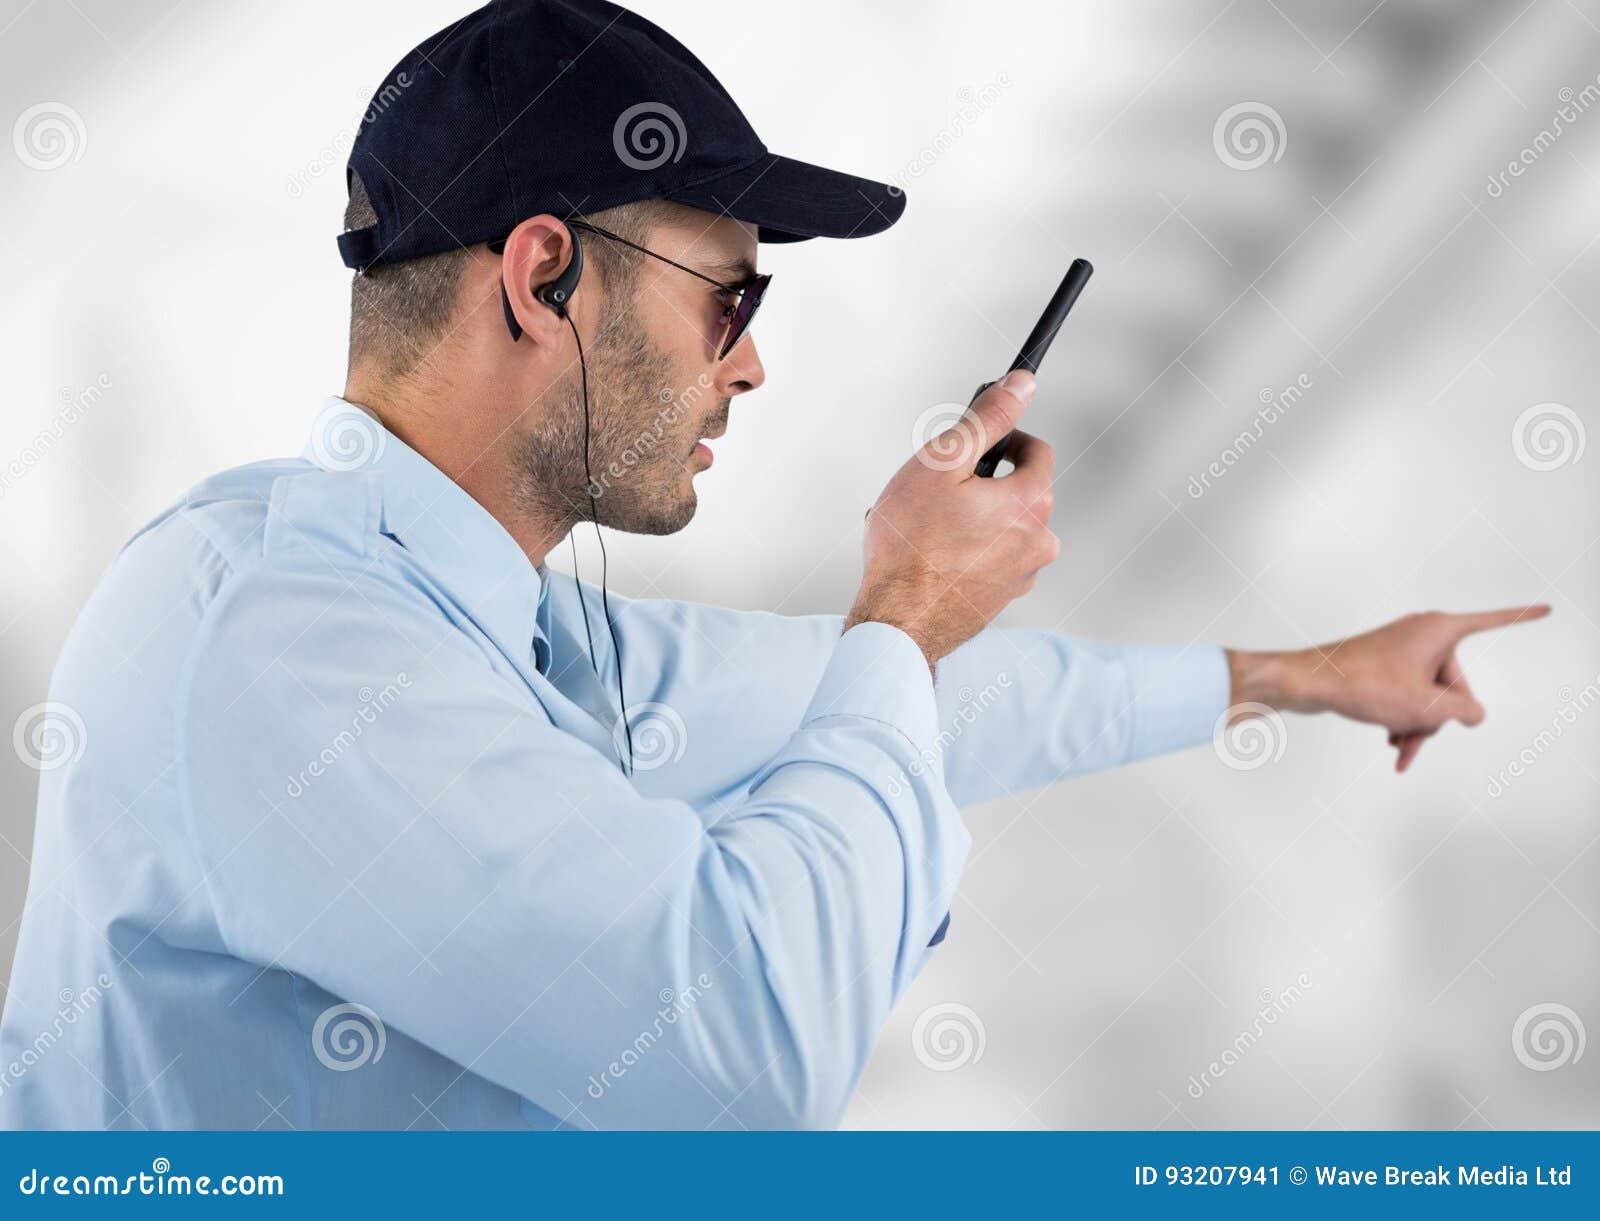 Guardia giurata con le cuffie e parlare con il walkie-talkie Fondo vago luce